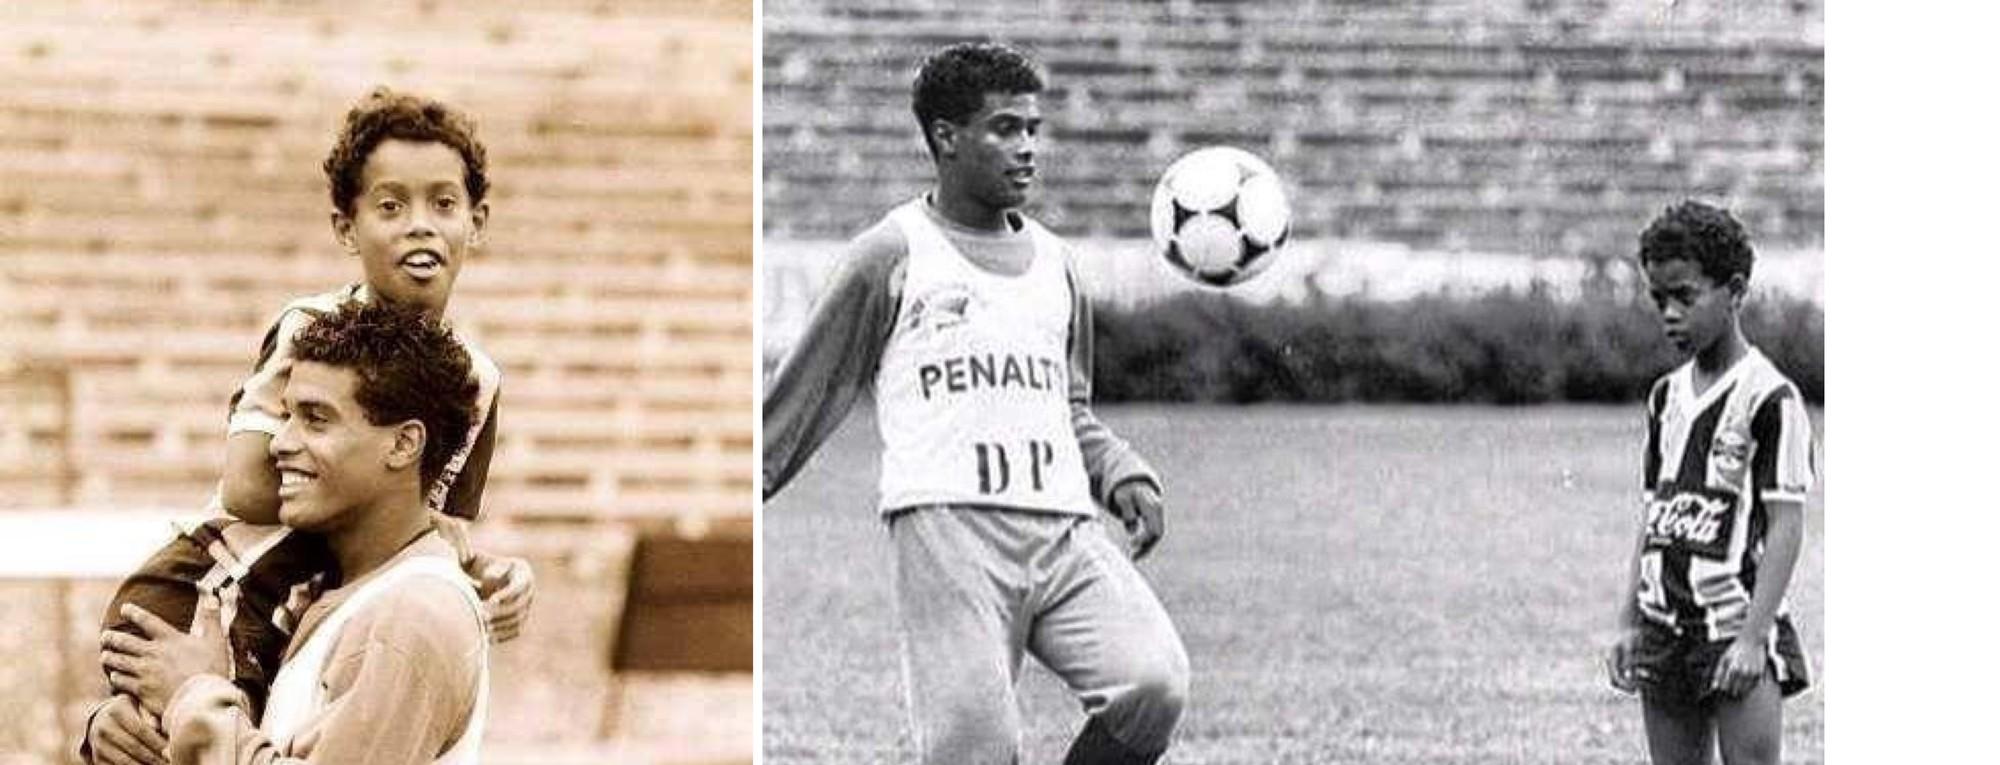 Bóng đá là hành trình thỏa niềm vui: Thế giới từng có một Ronaldinho như thế - Ảnh 5.